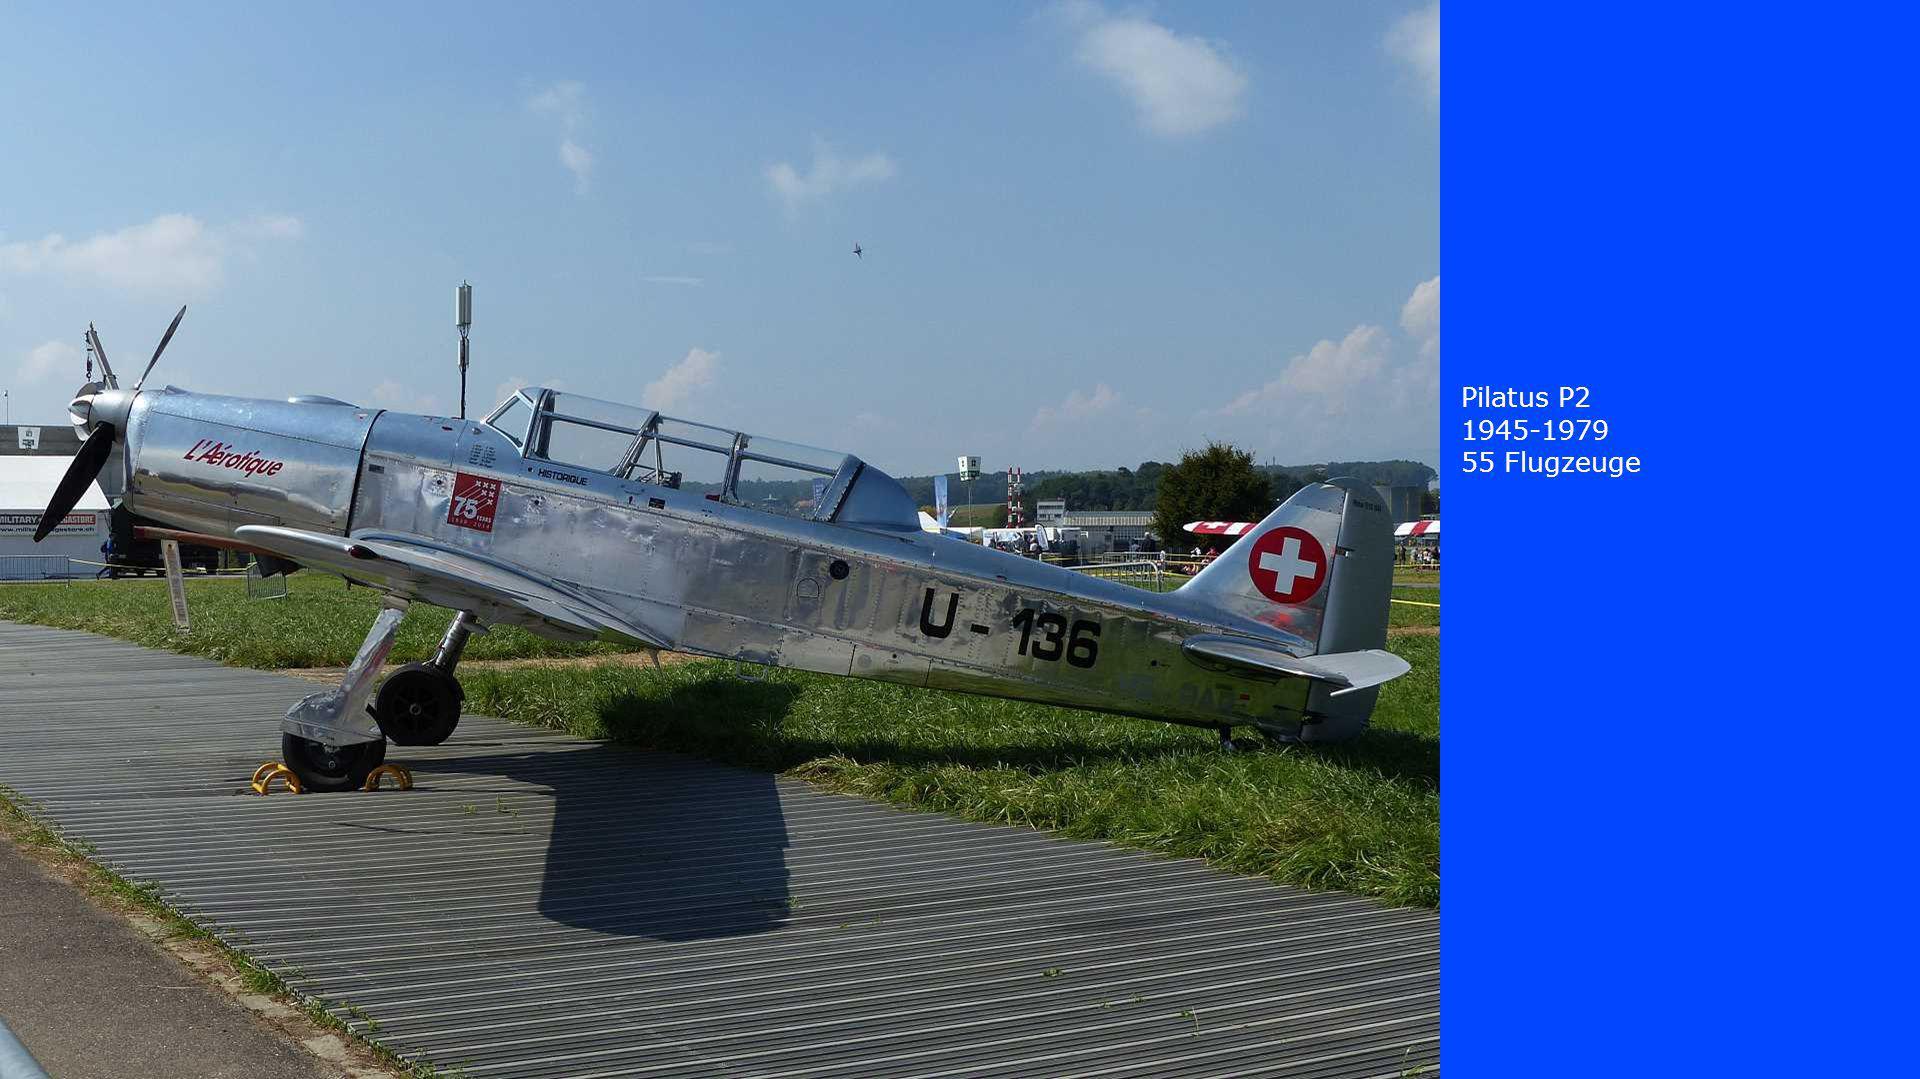 Pilatus P2 1945-1979 55 Flugzeuge